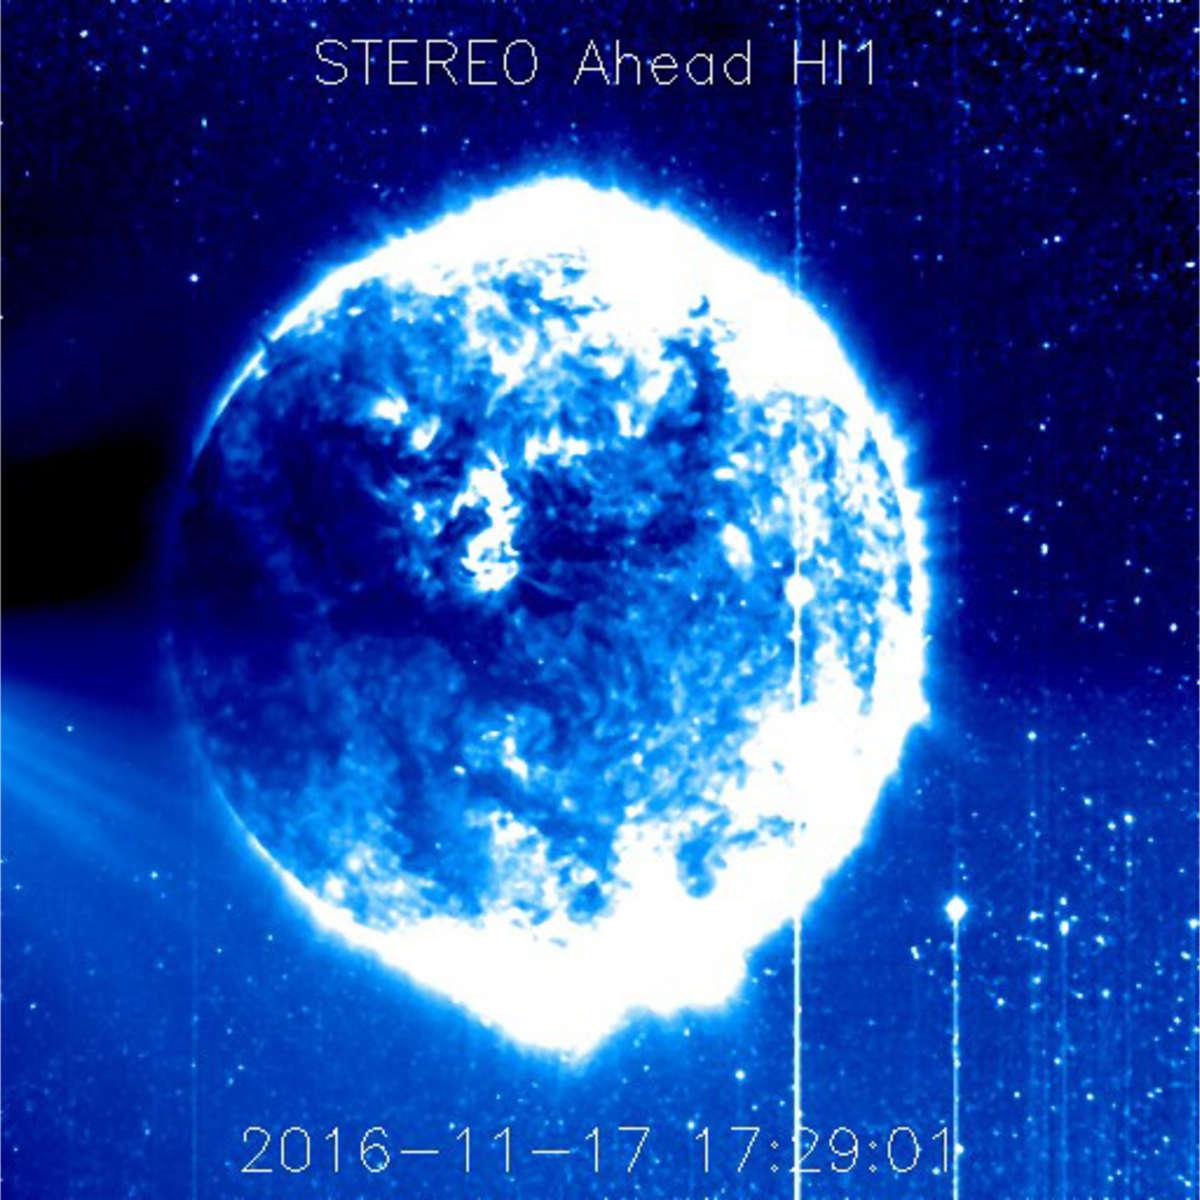 stereo_h1_nov172016_0.jpg